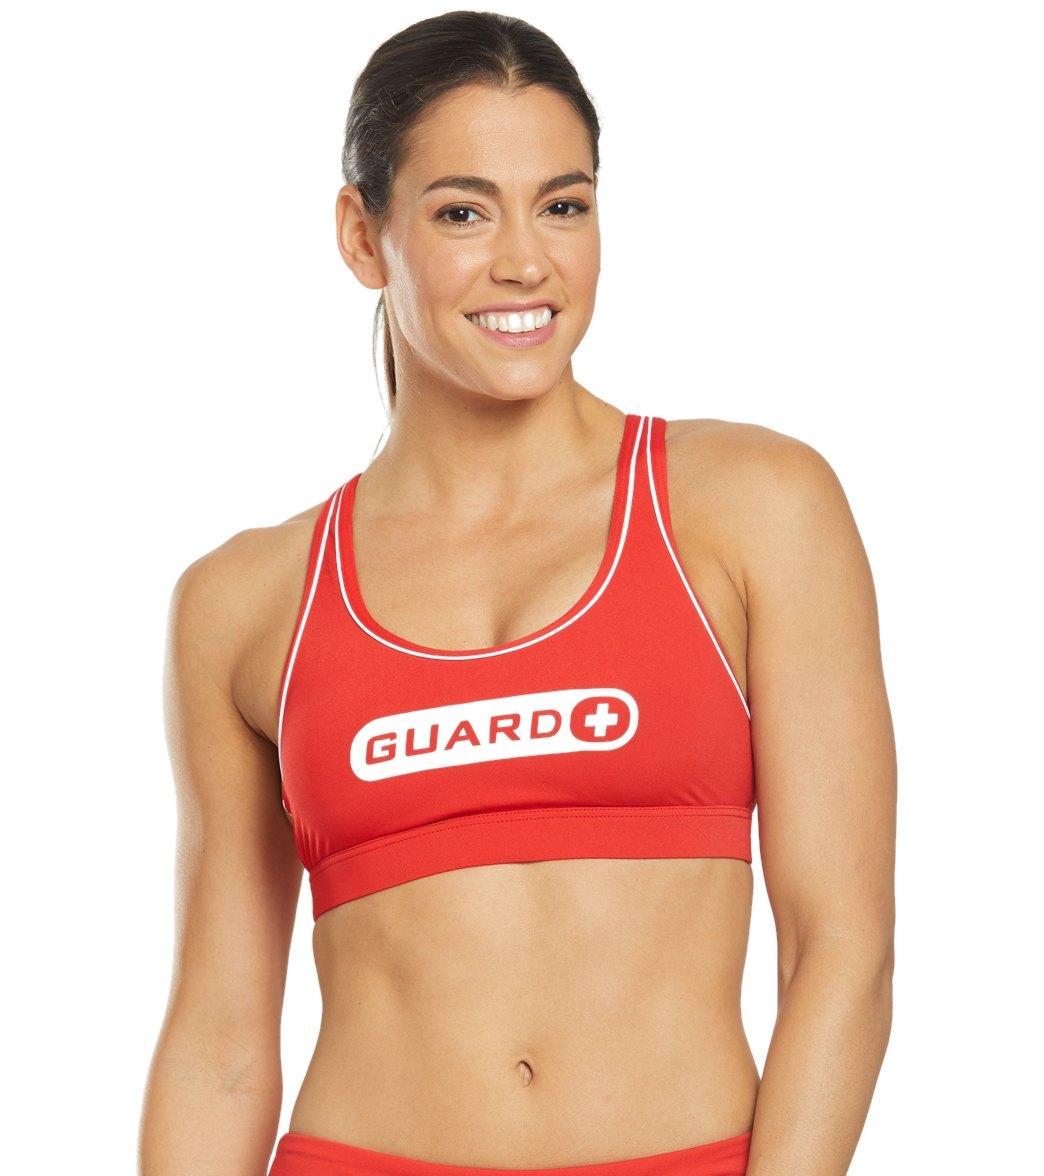 6d2f3e60d TYR Women's Guard Lyn Racerback Swimsuit Top